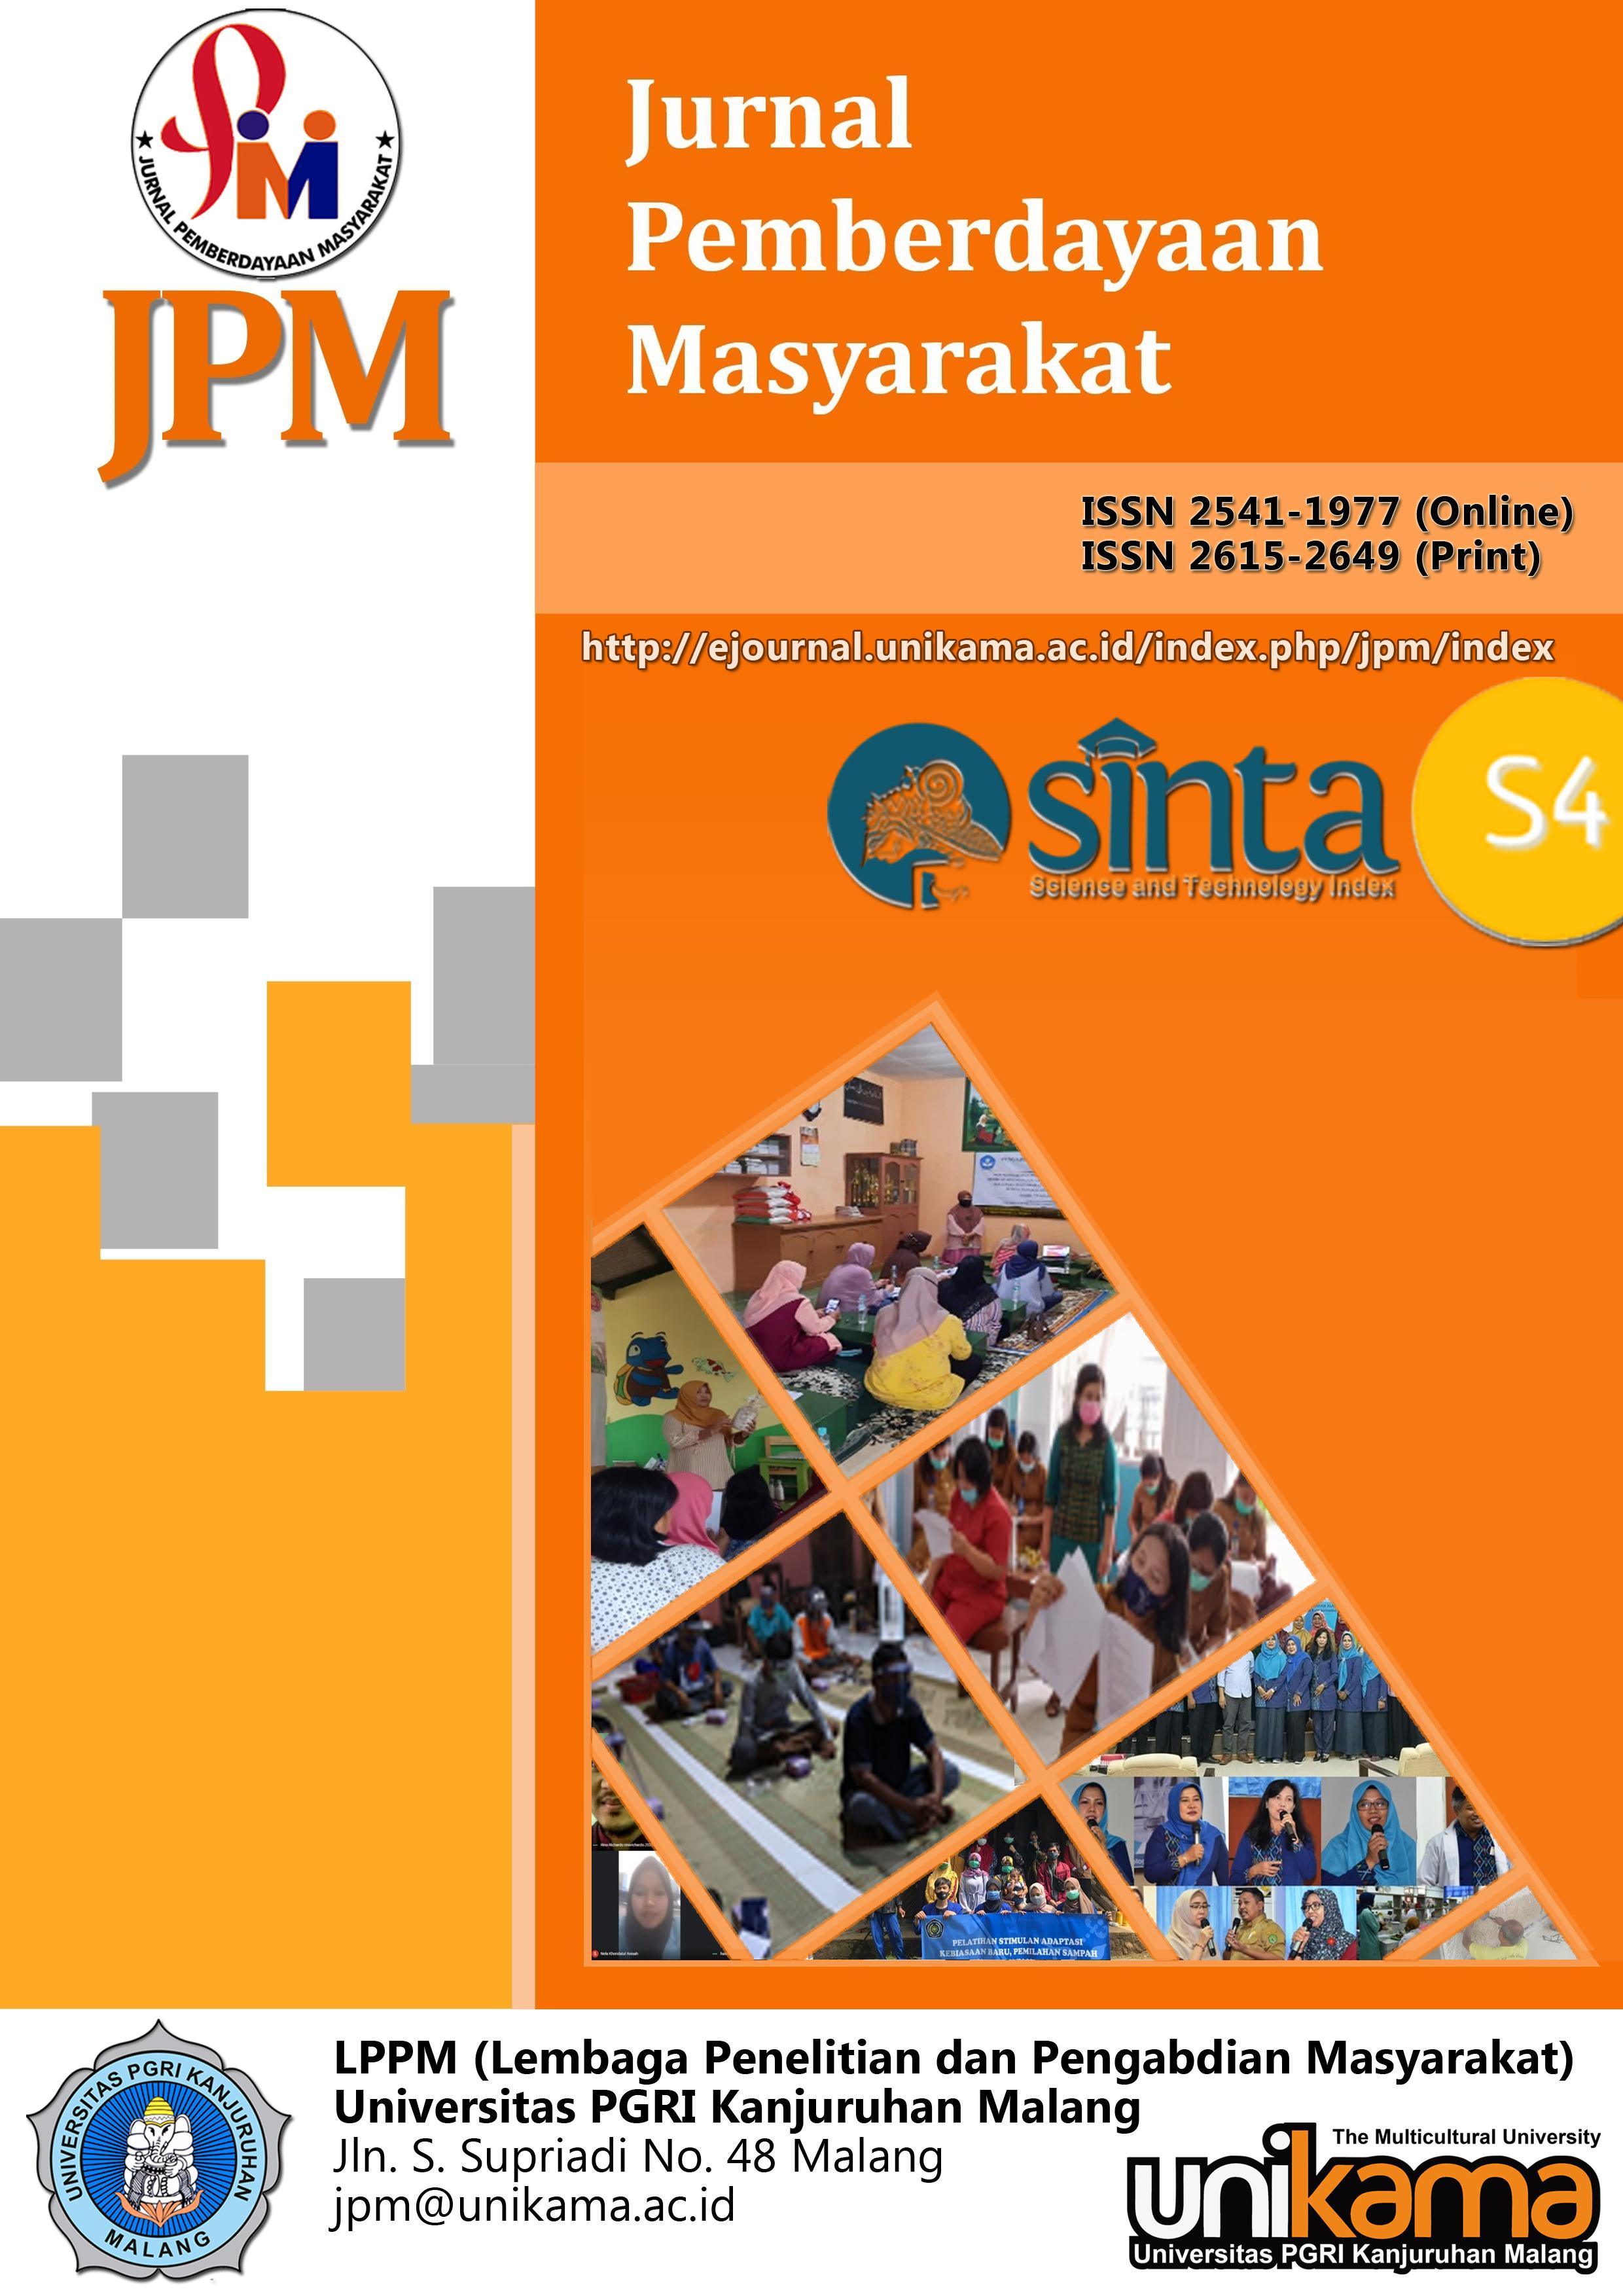 JPM (Jurnal Pemberdayaan Masyarakat) 2020 UNIKAMA